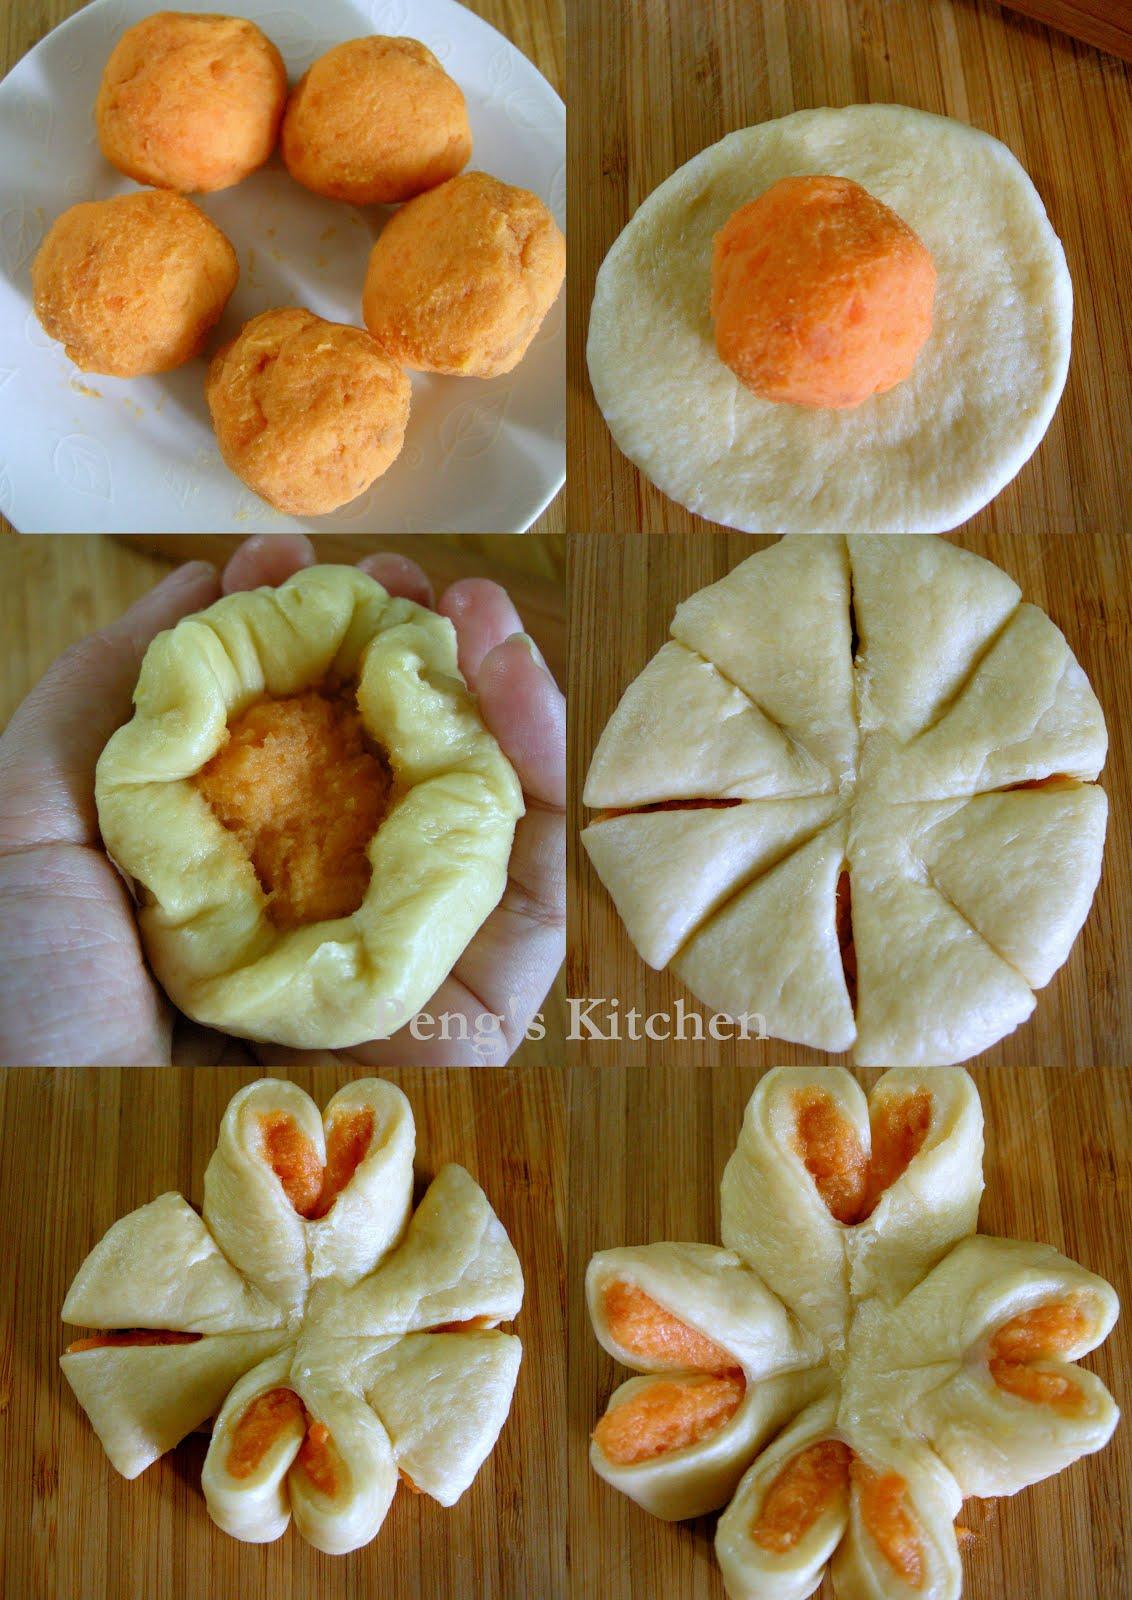 Peng's Kitchen: Sweet Potato Buns